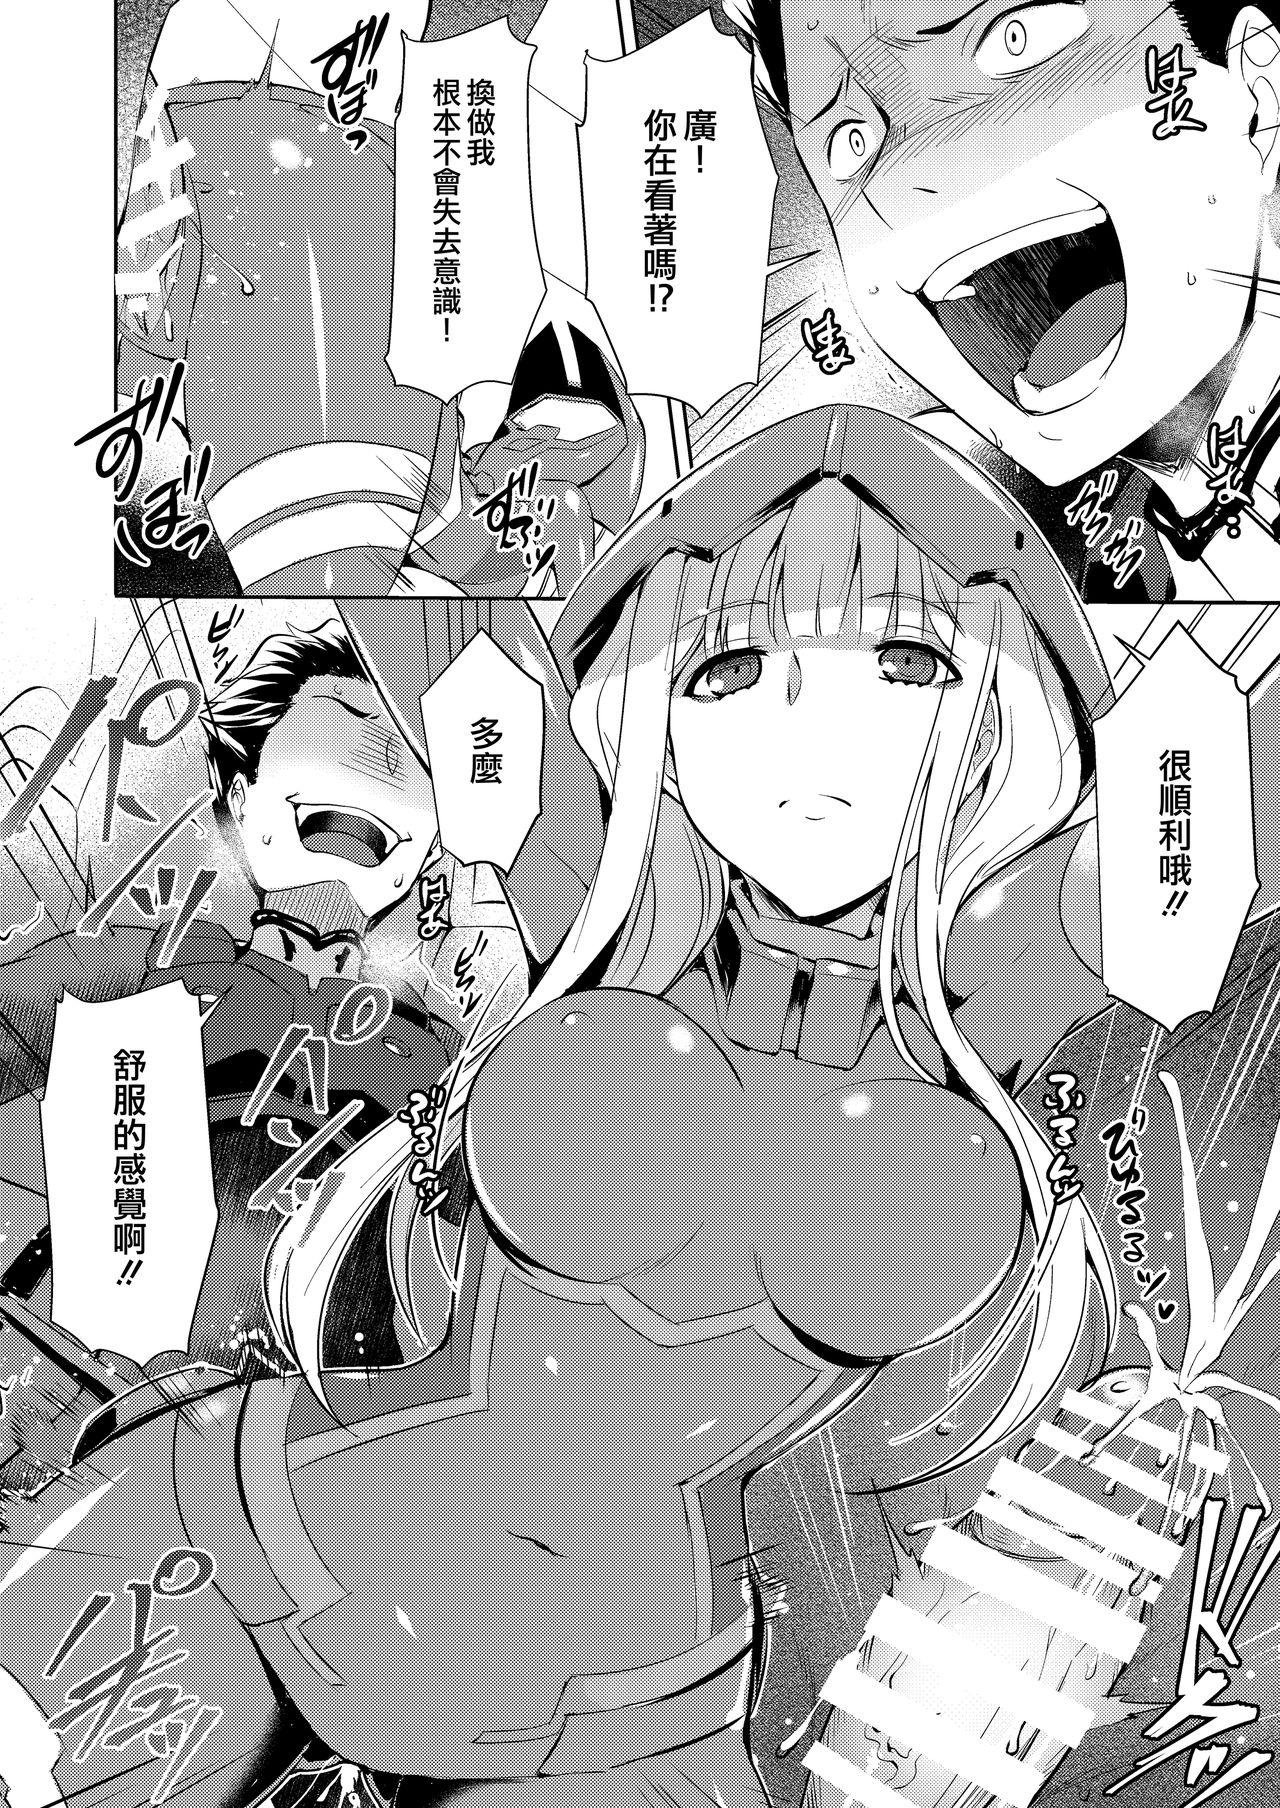 Mitsuru in the Zero Two 10